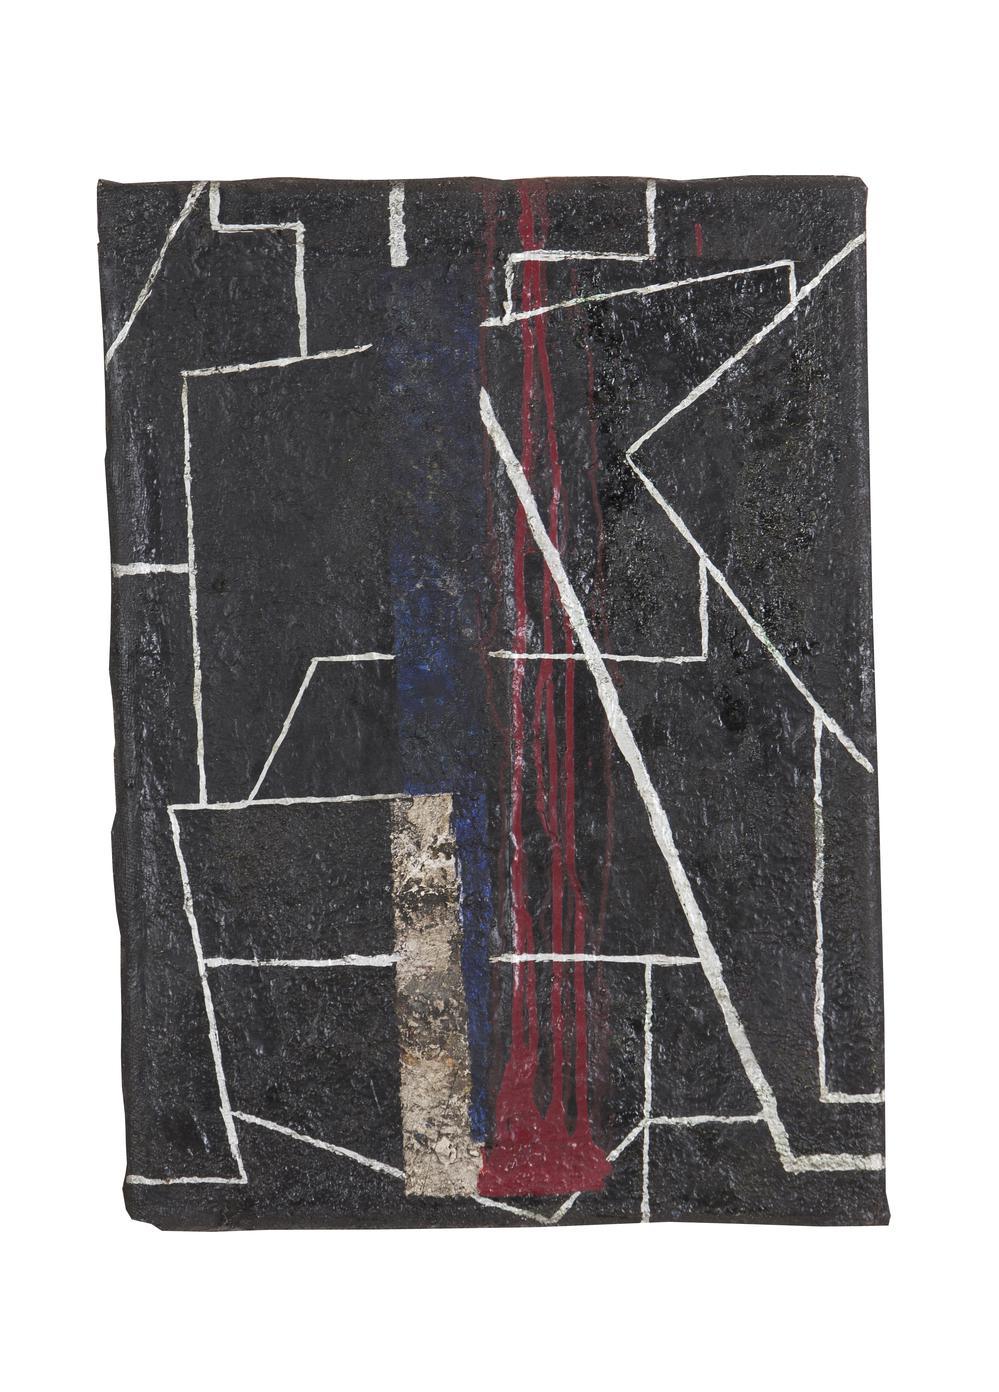 Joao Paulo Feliciano - Untitled-1986